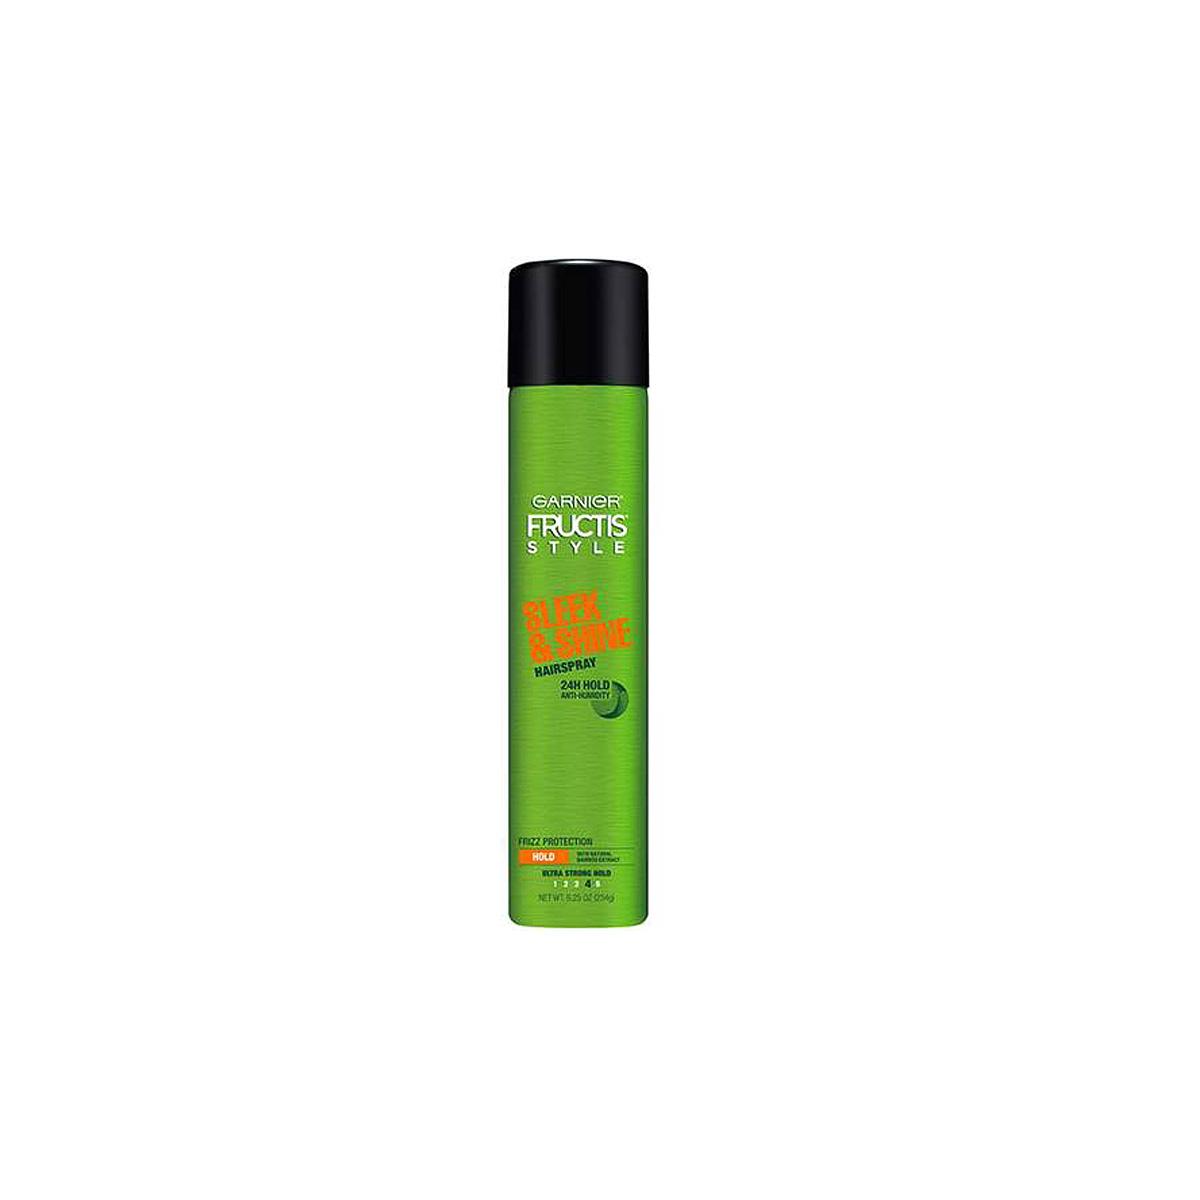 garnier-fructis-spray.jpg